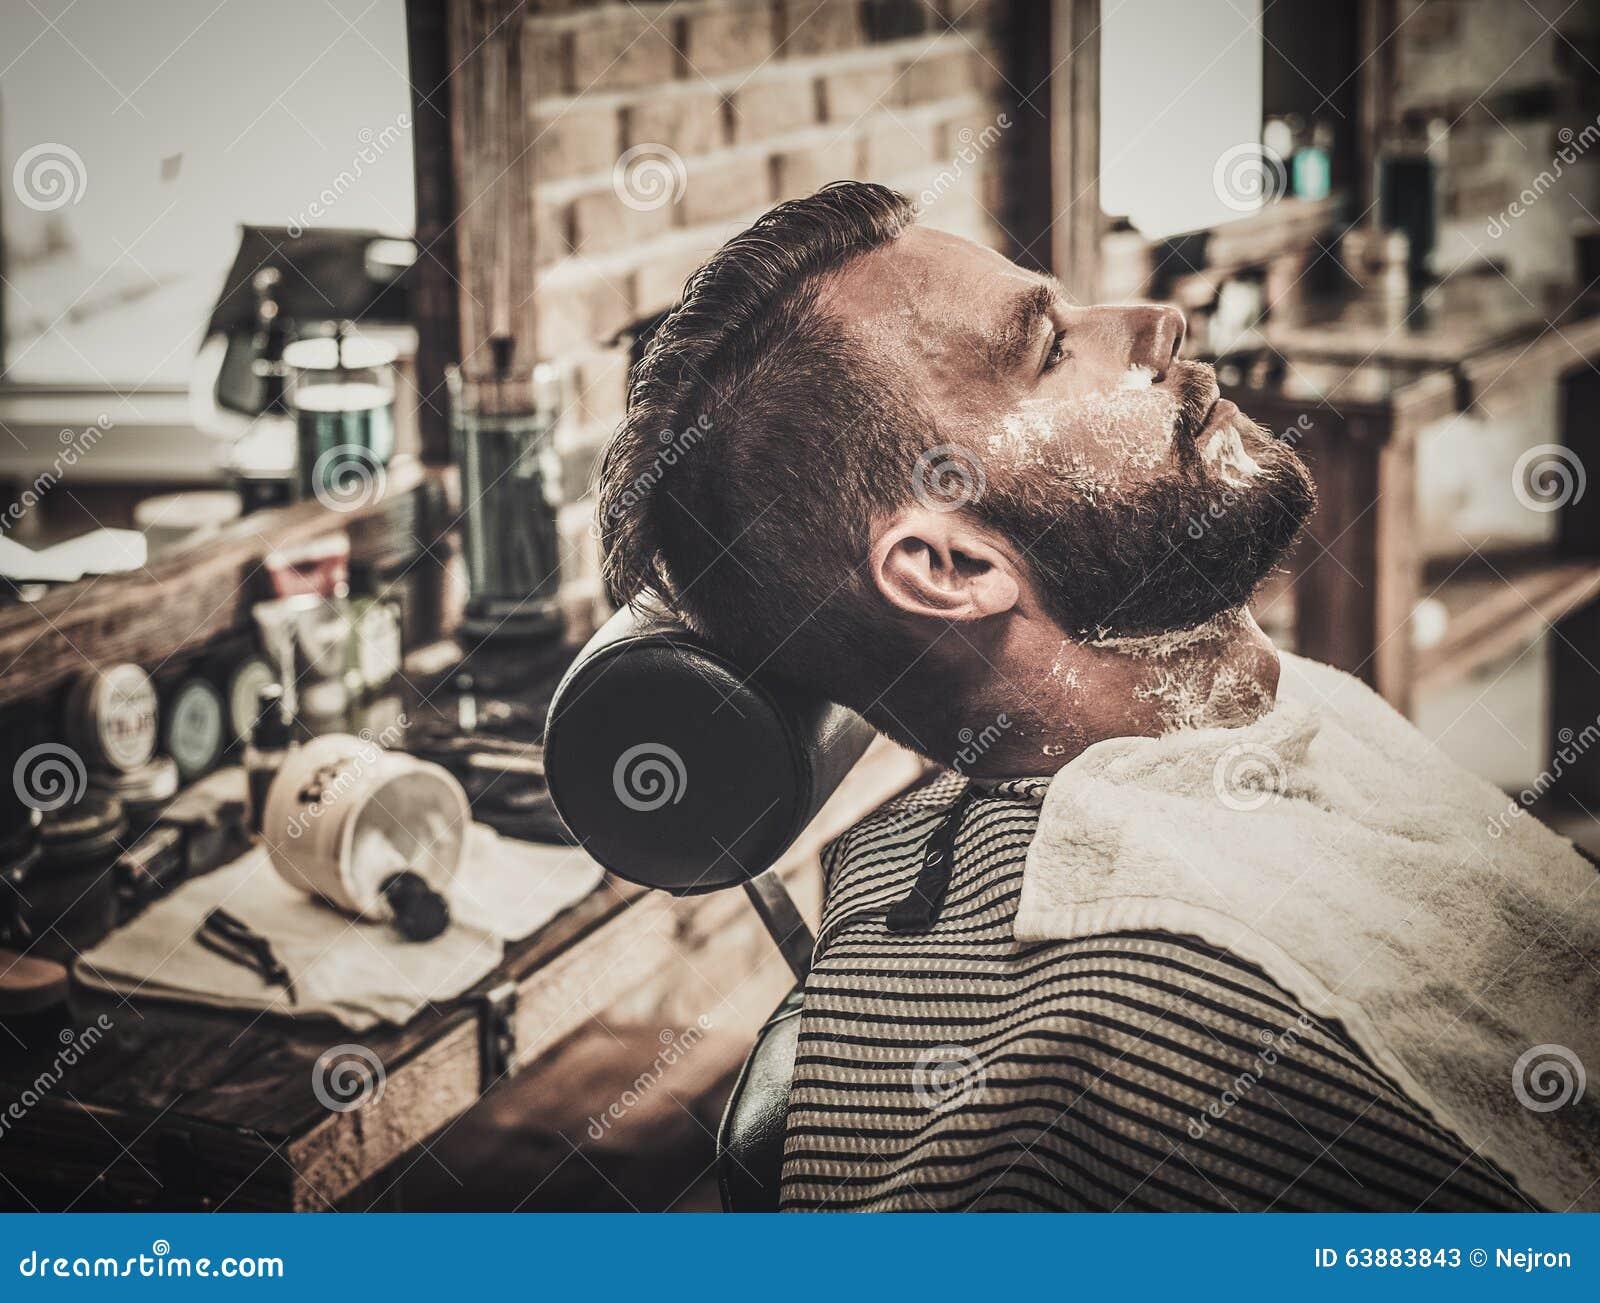 beard shaving in barber shop stock photo image 63883843. Black Bedroom Furniture Sets. Home Design Ideas